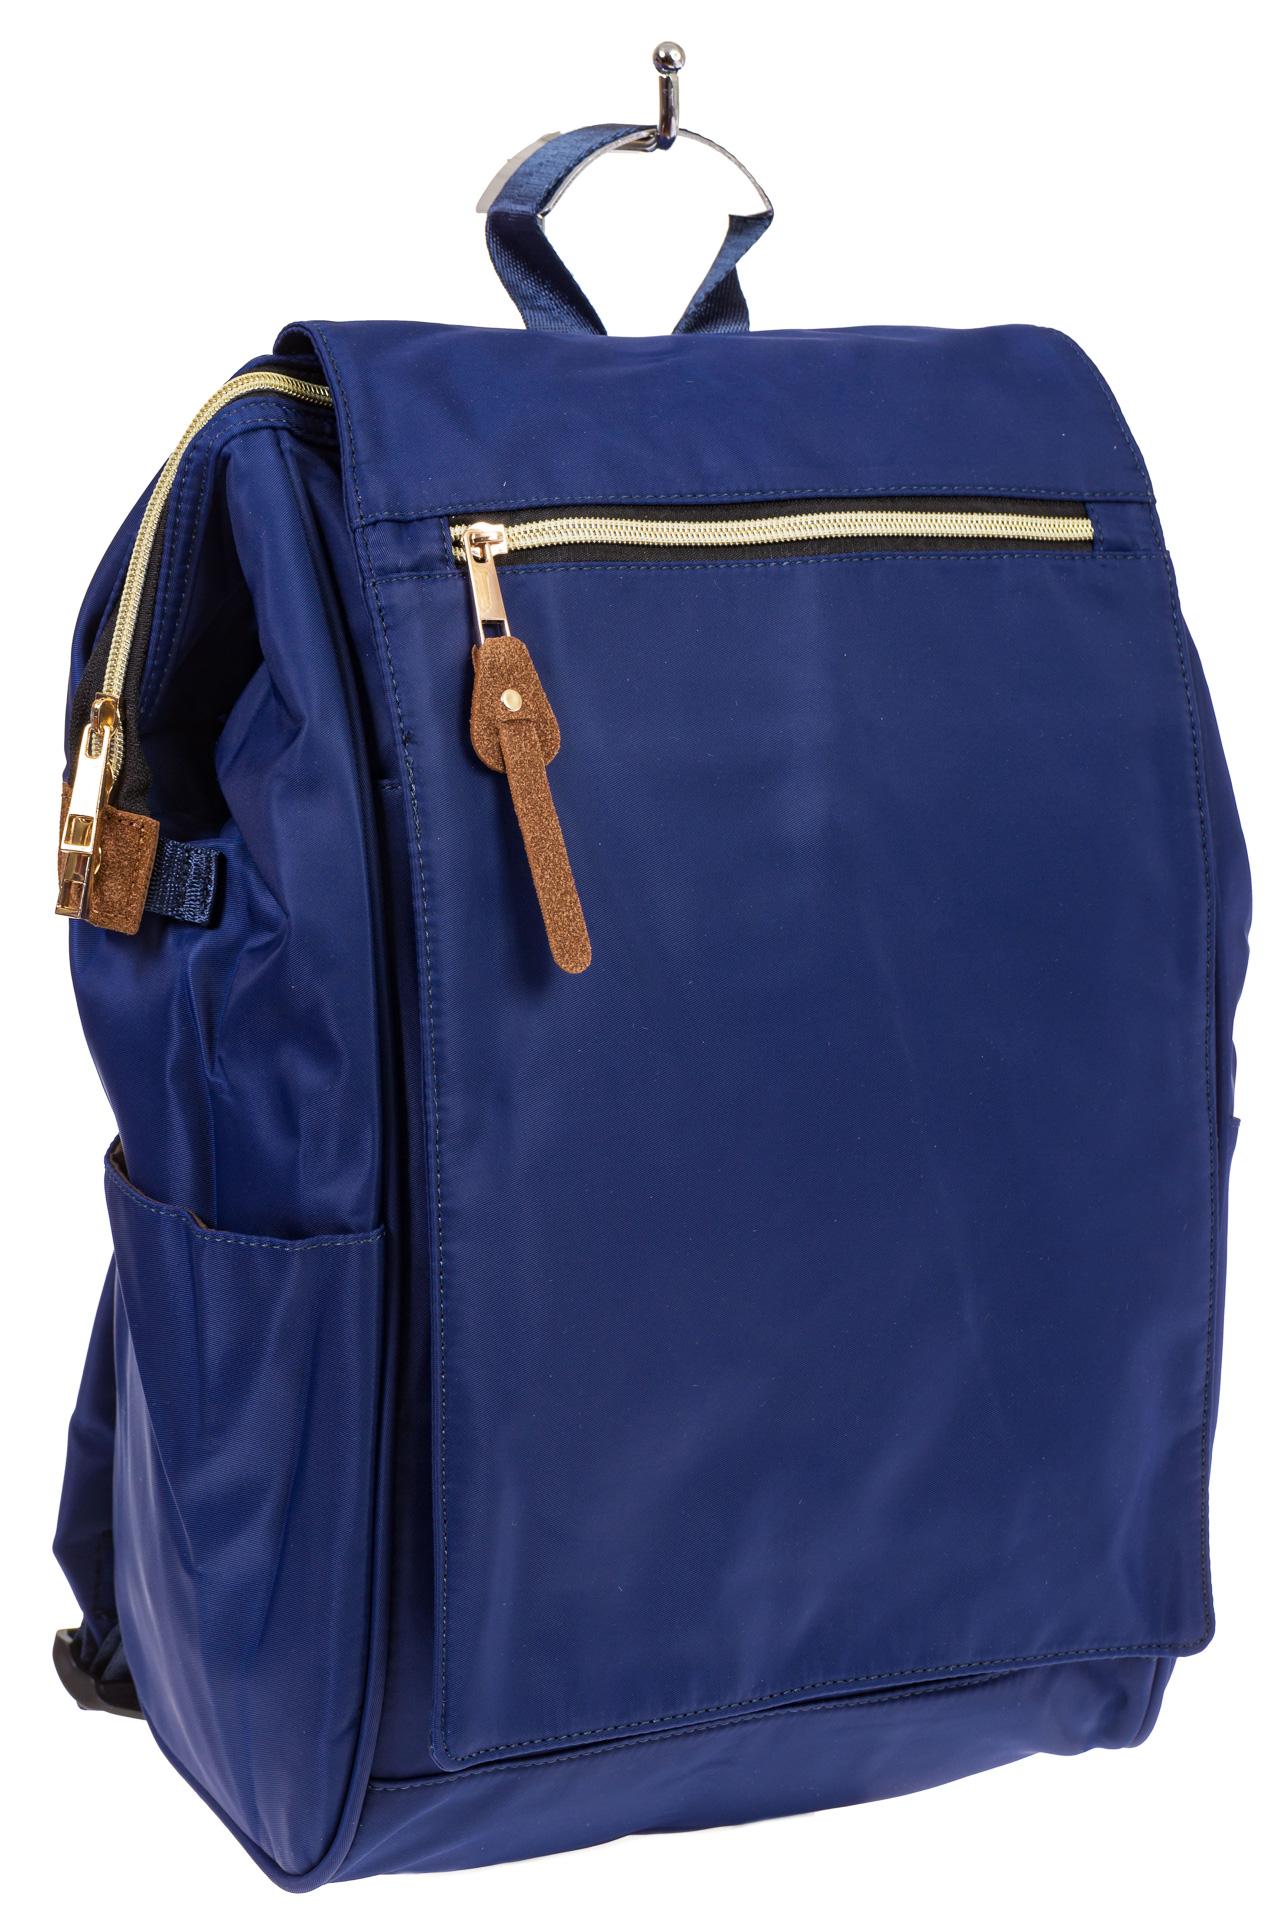 На фото оригинальный молодежный рюкзак, цвет – синий, материал – текстиль, купить оптом в магазине Грета